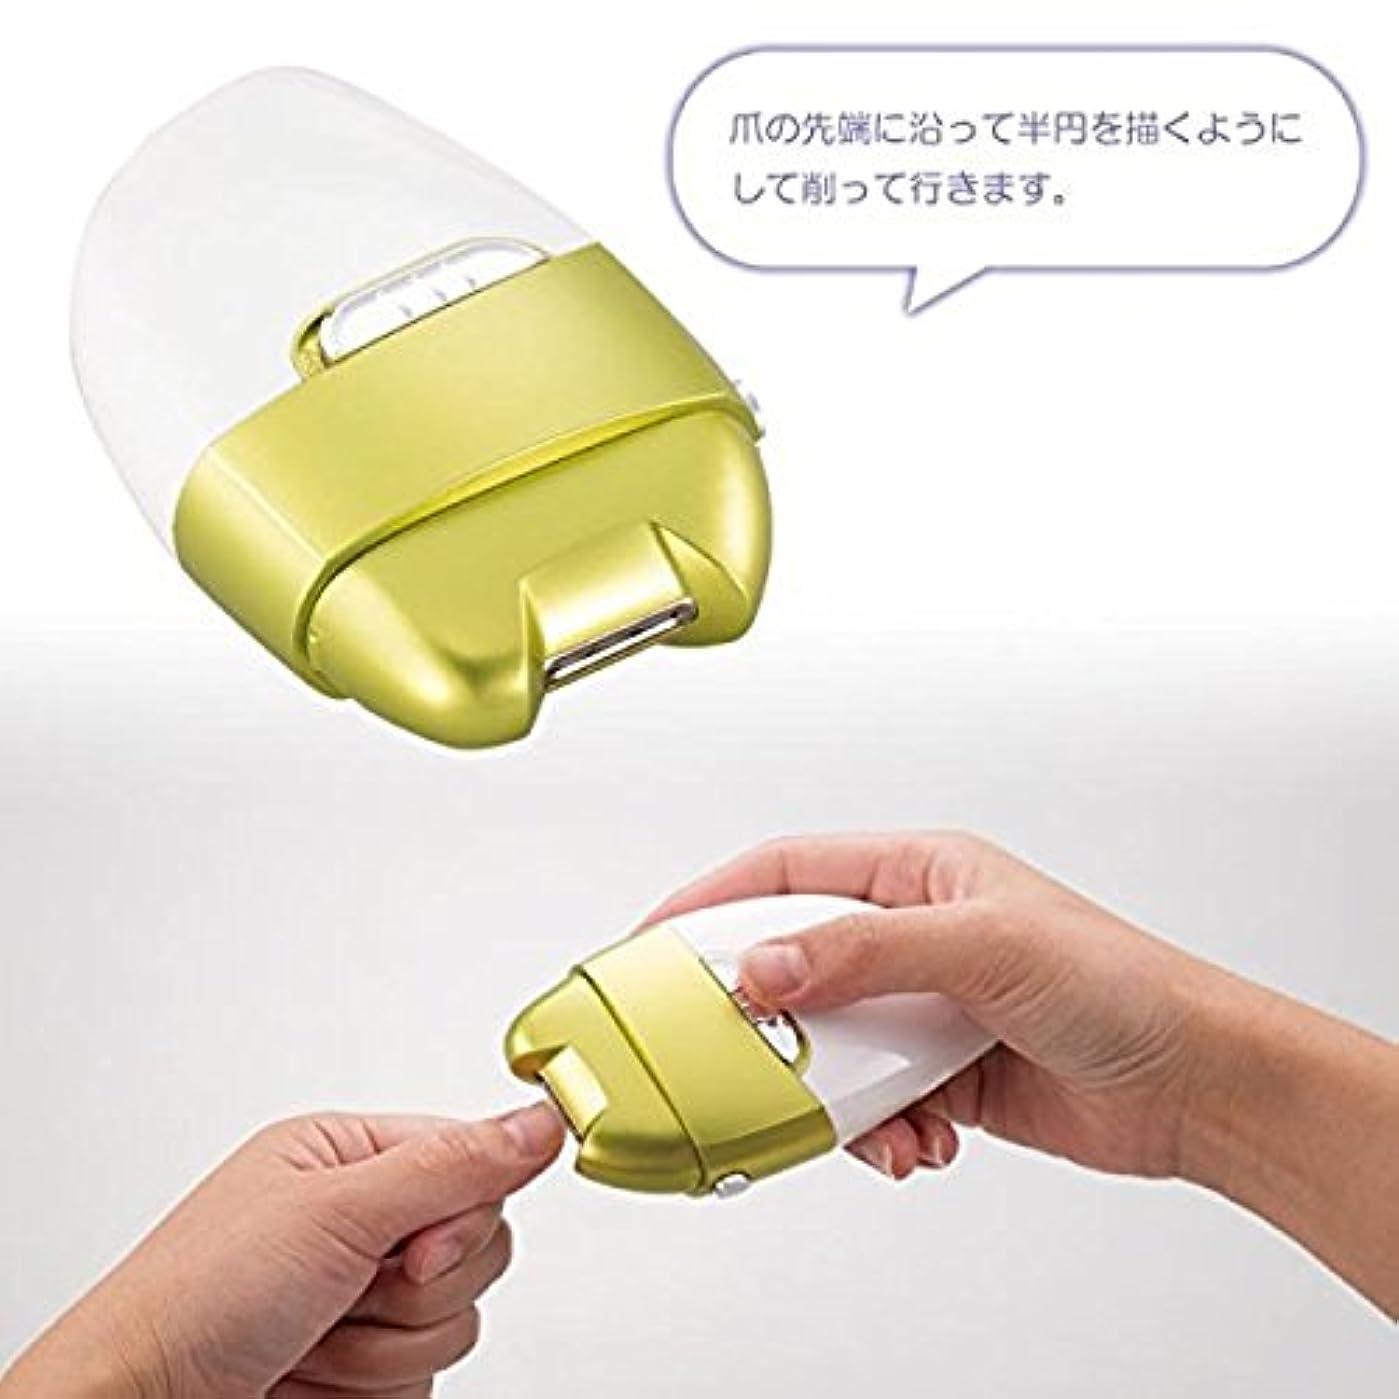 器用ガス発動機電動爪削り Leaf dS-1651428